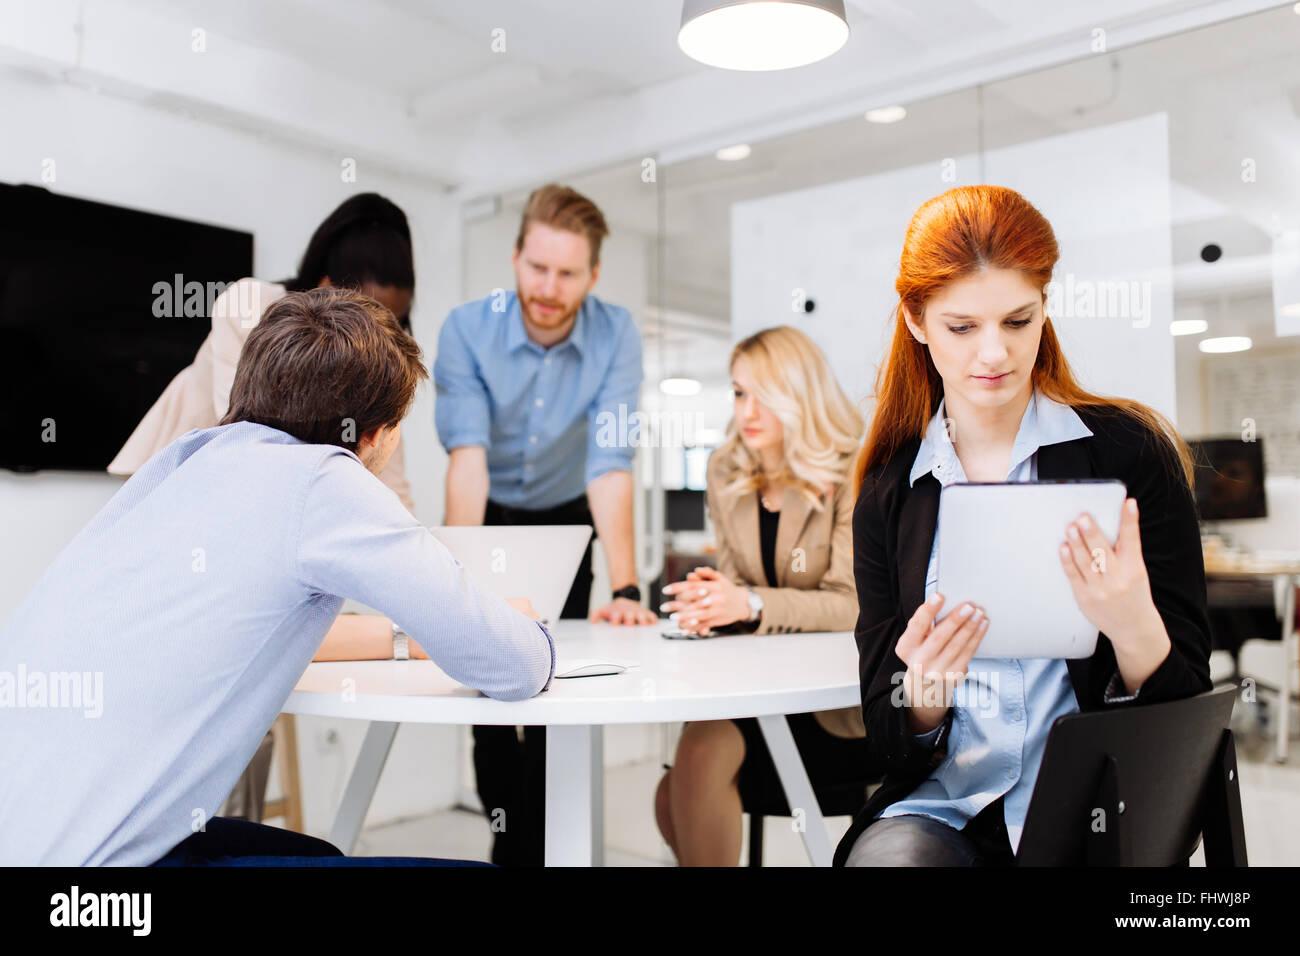 Geschäftskollegen mit Technologie griffbereit am Schreibtisch sitzen Stockbild